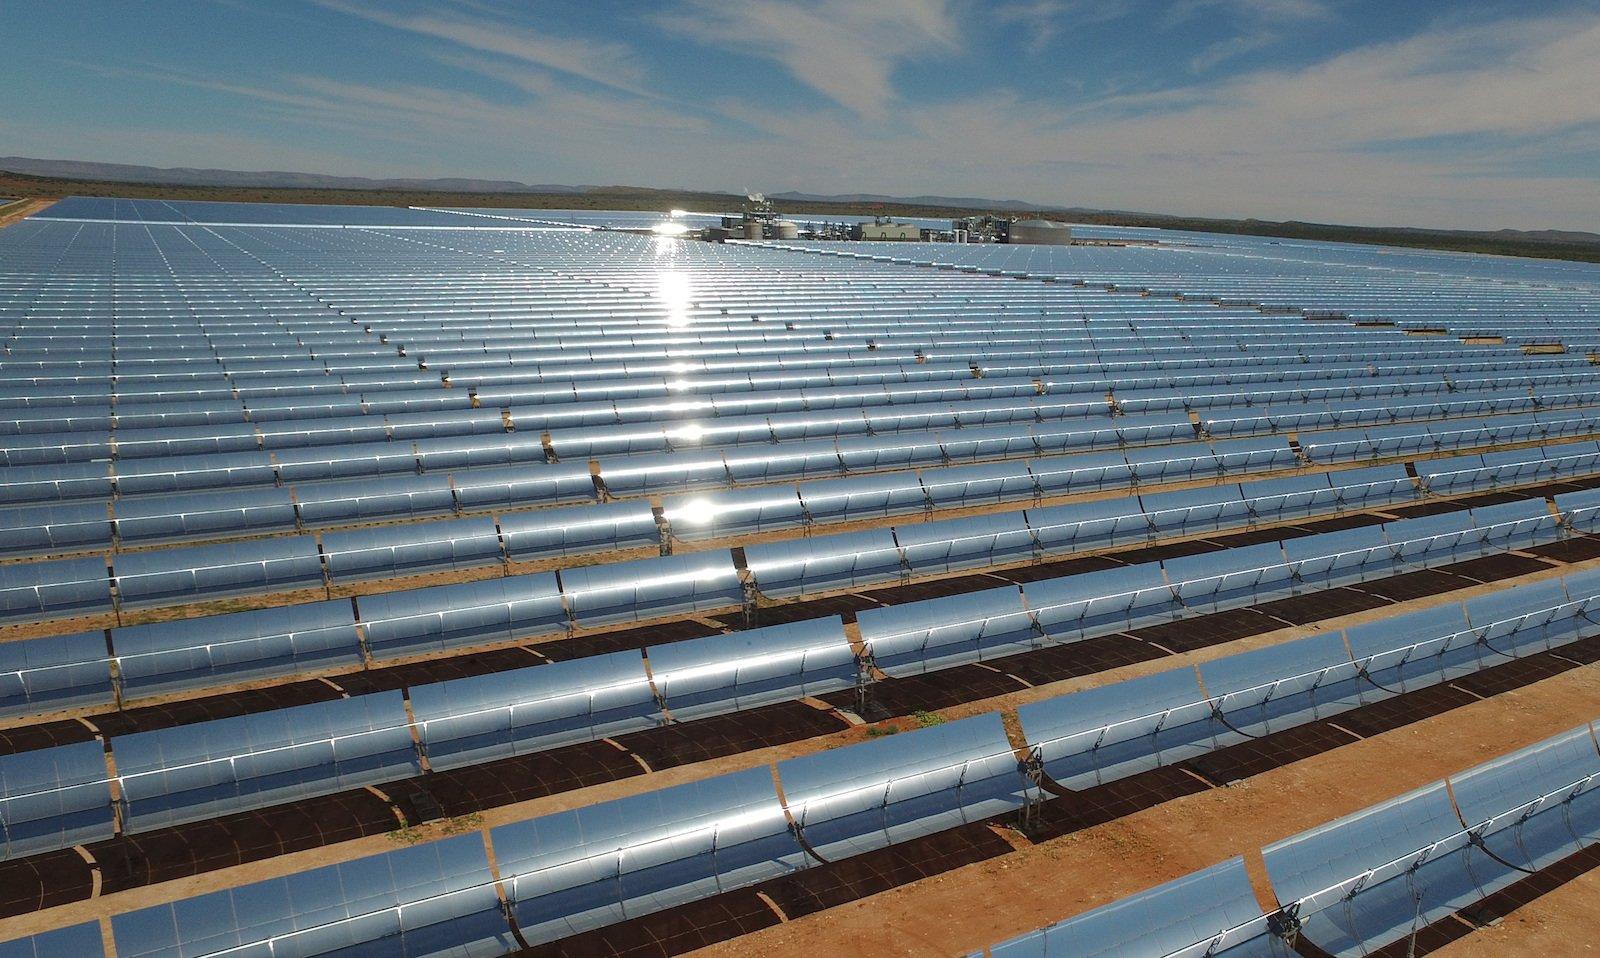 CUALES SON LOS TIPOS DE ENERGÌA SOLAR